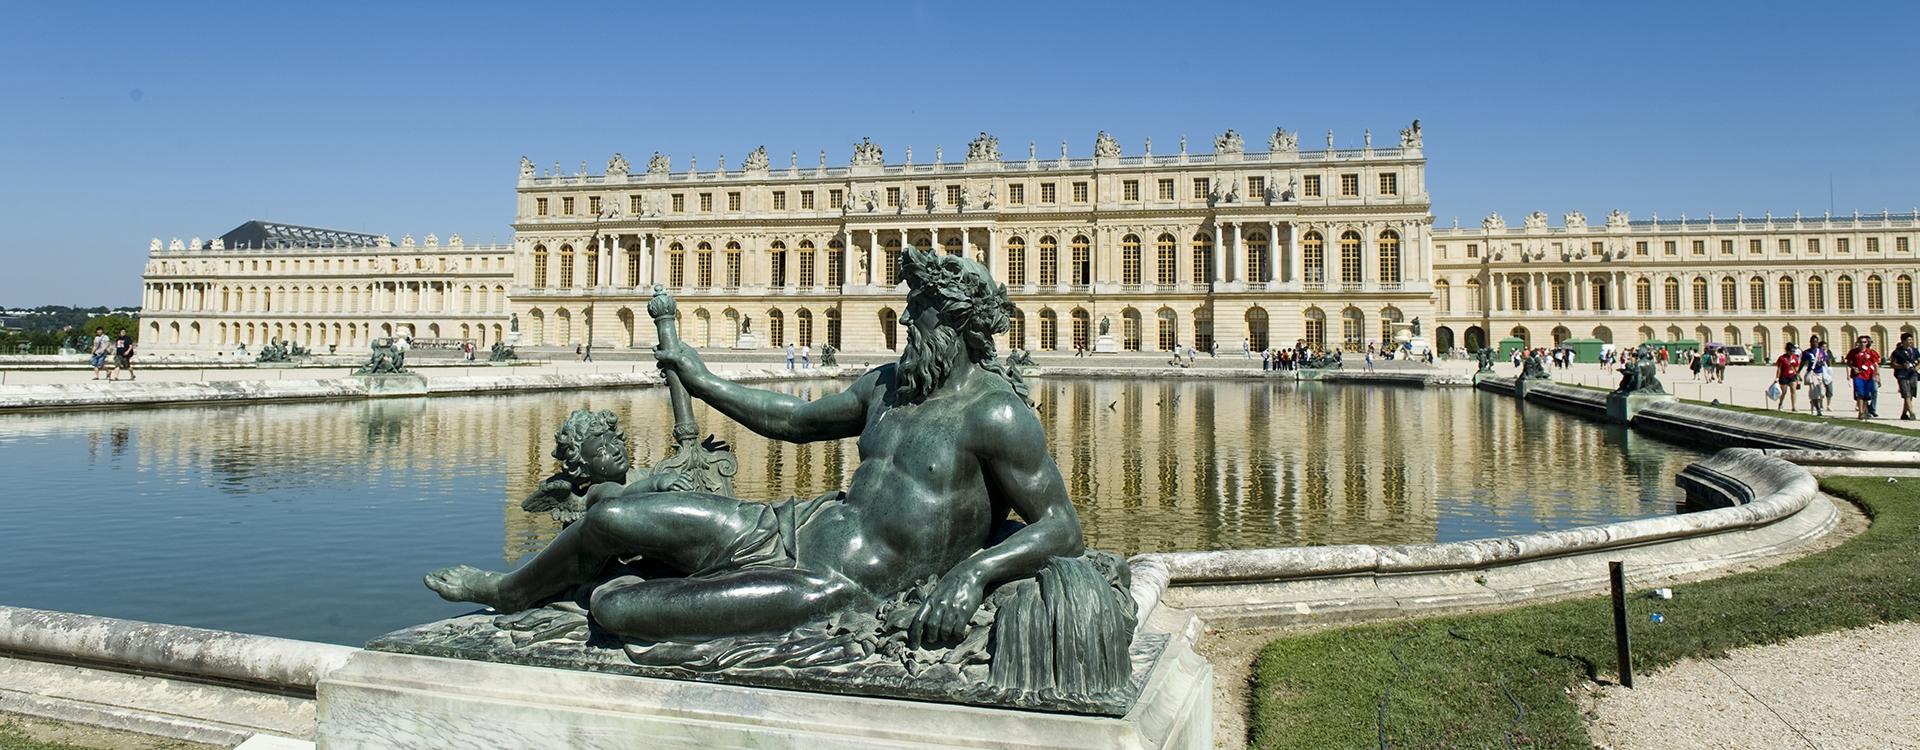 Versailles, c'est royal !